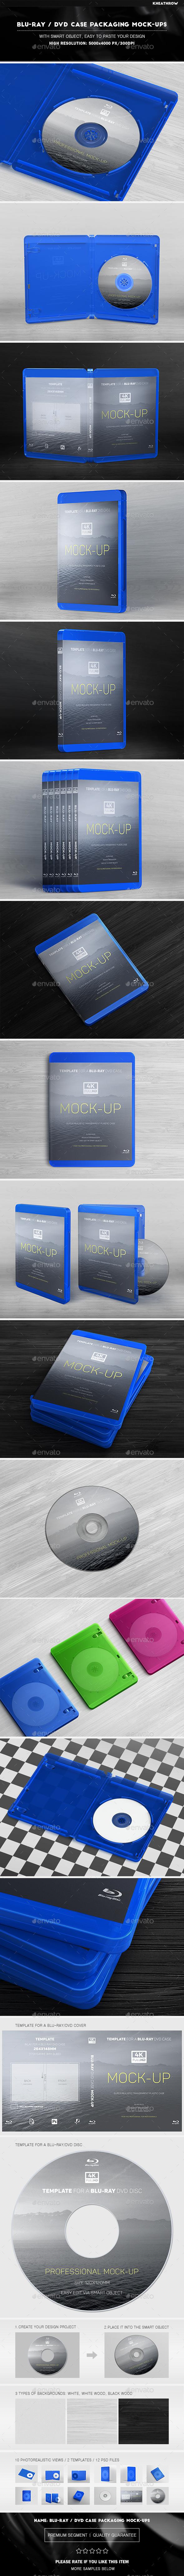 Blu-ray / DVD Case Packaging Mock-Ups - Discs Packaging